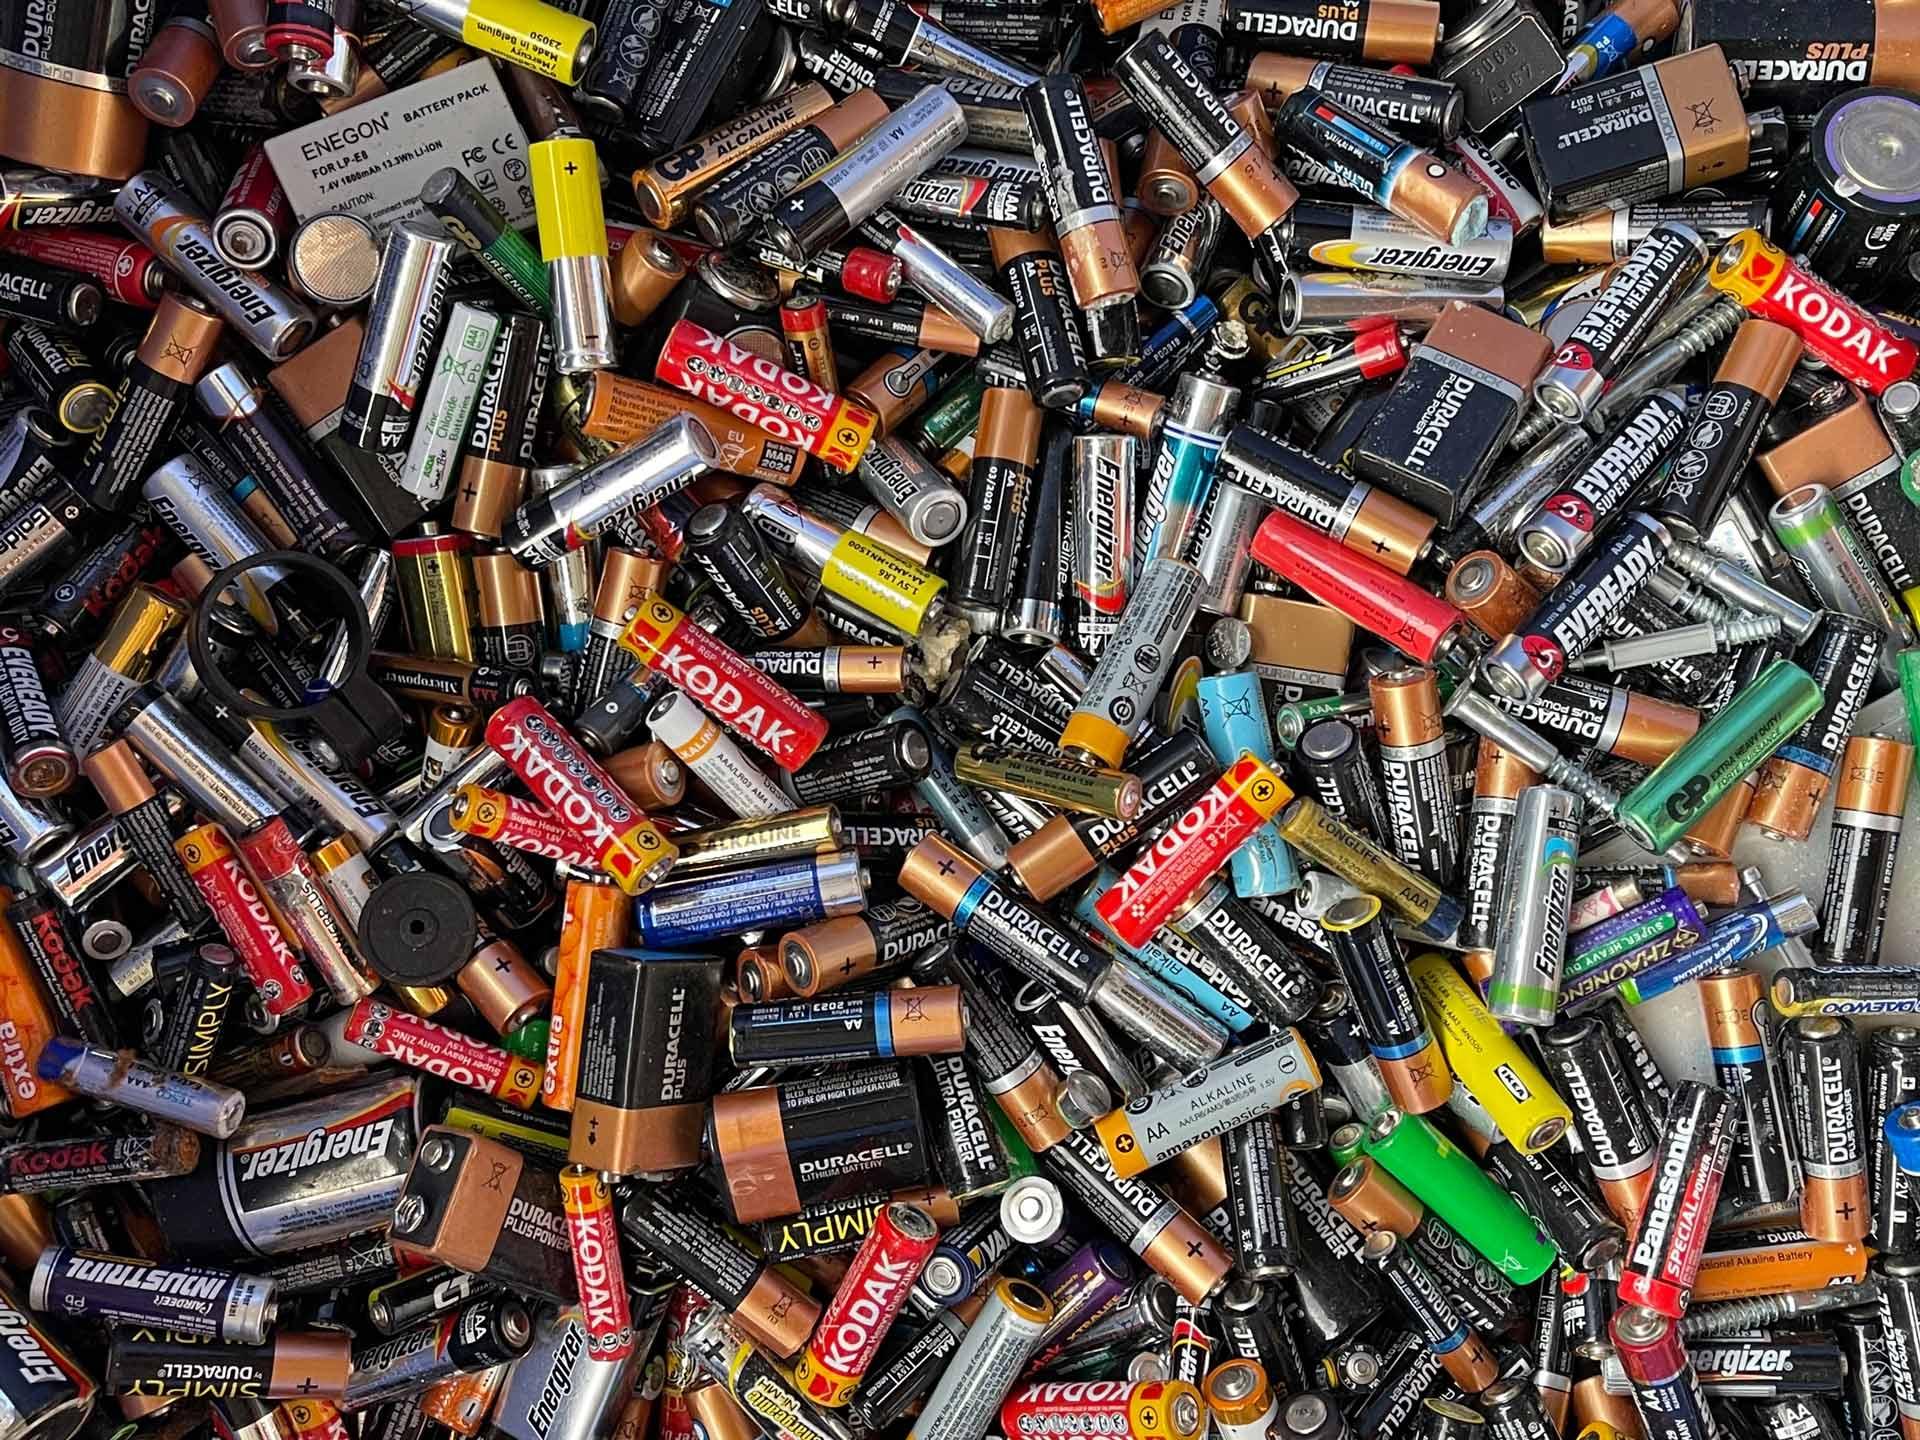 Conjunto de pilas recicladas en una planta de reciclaje